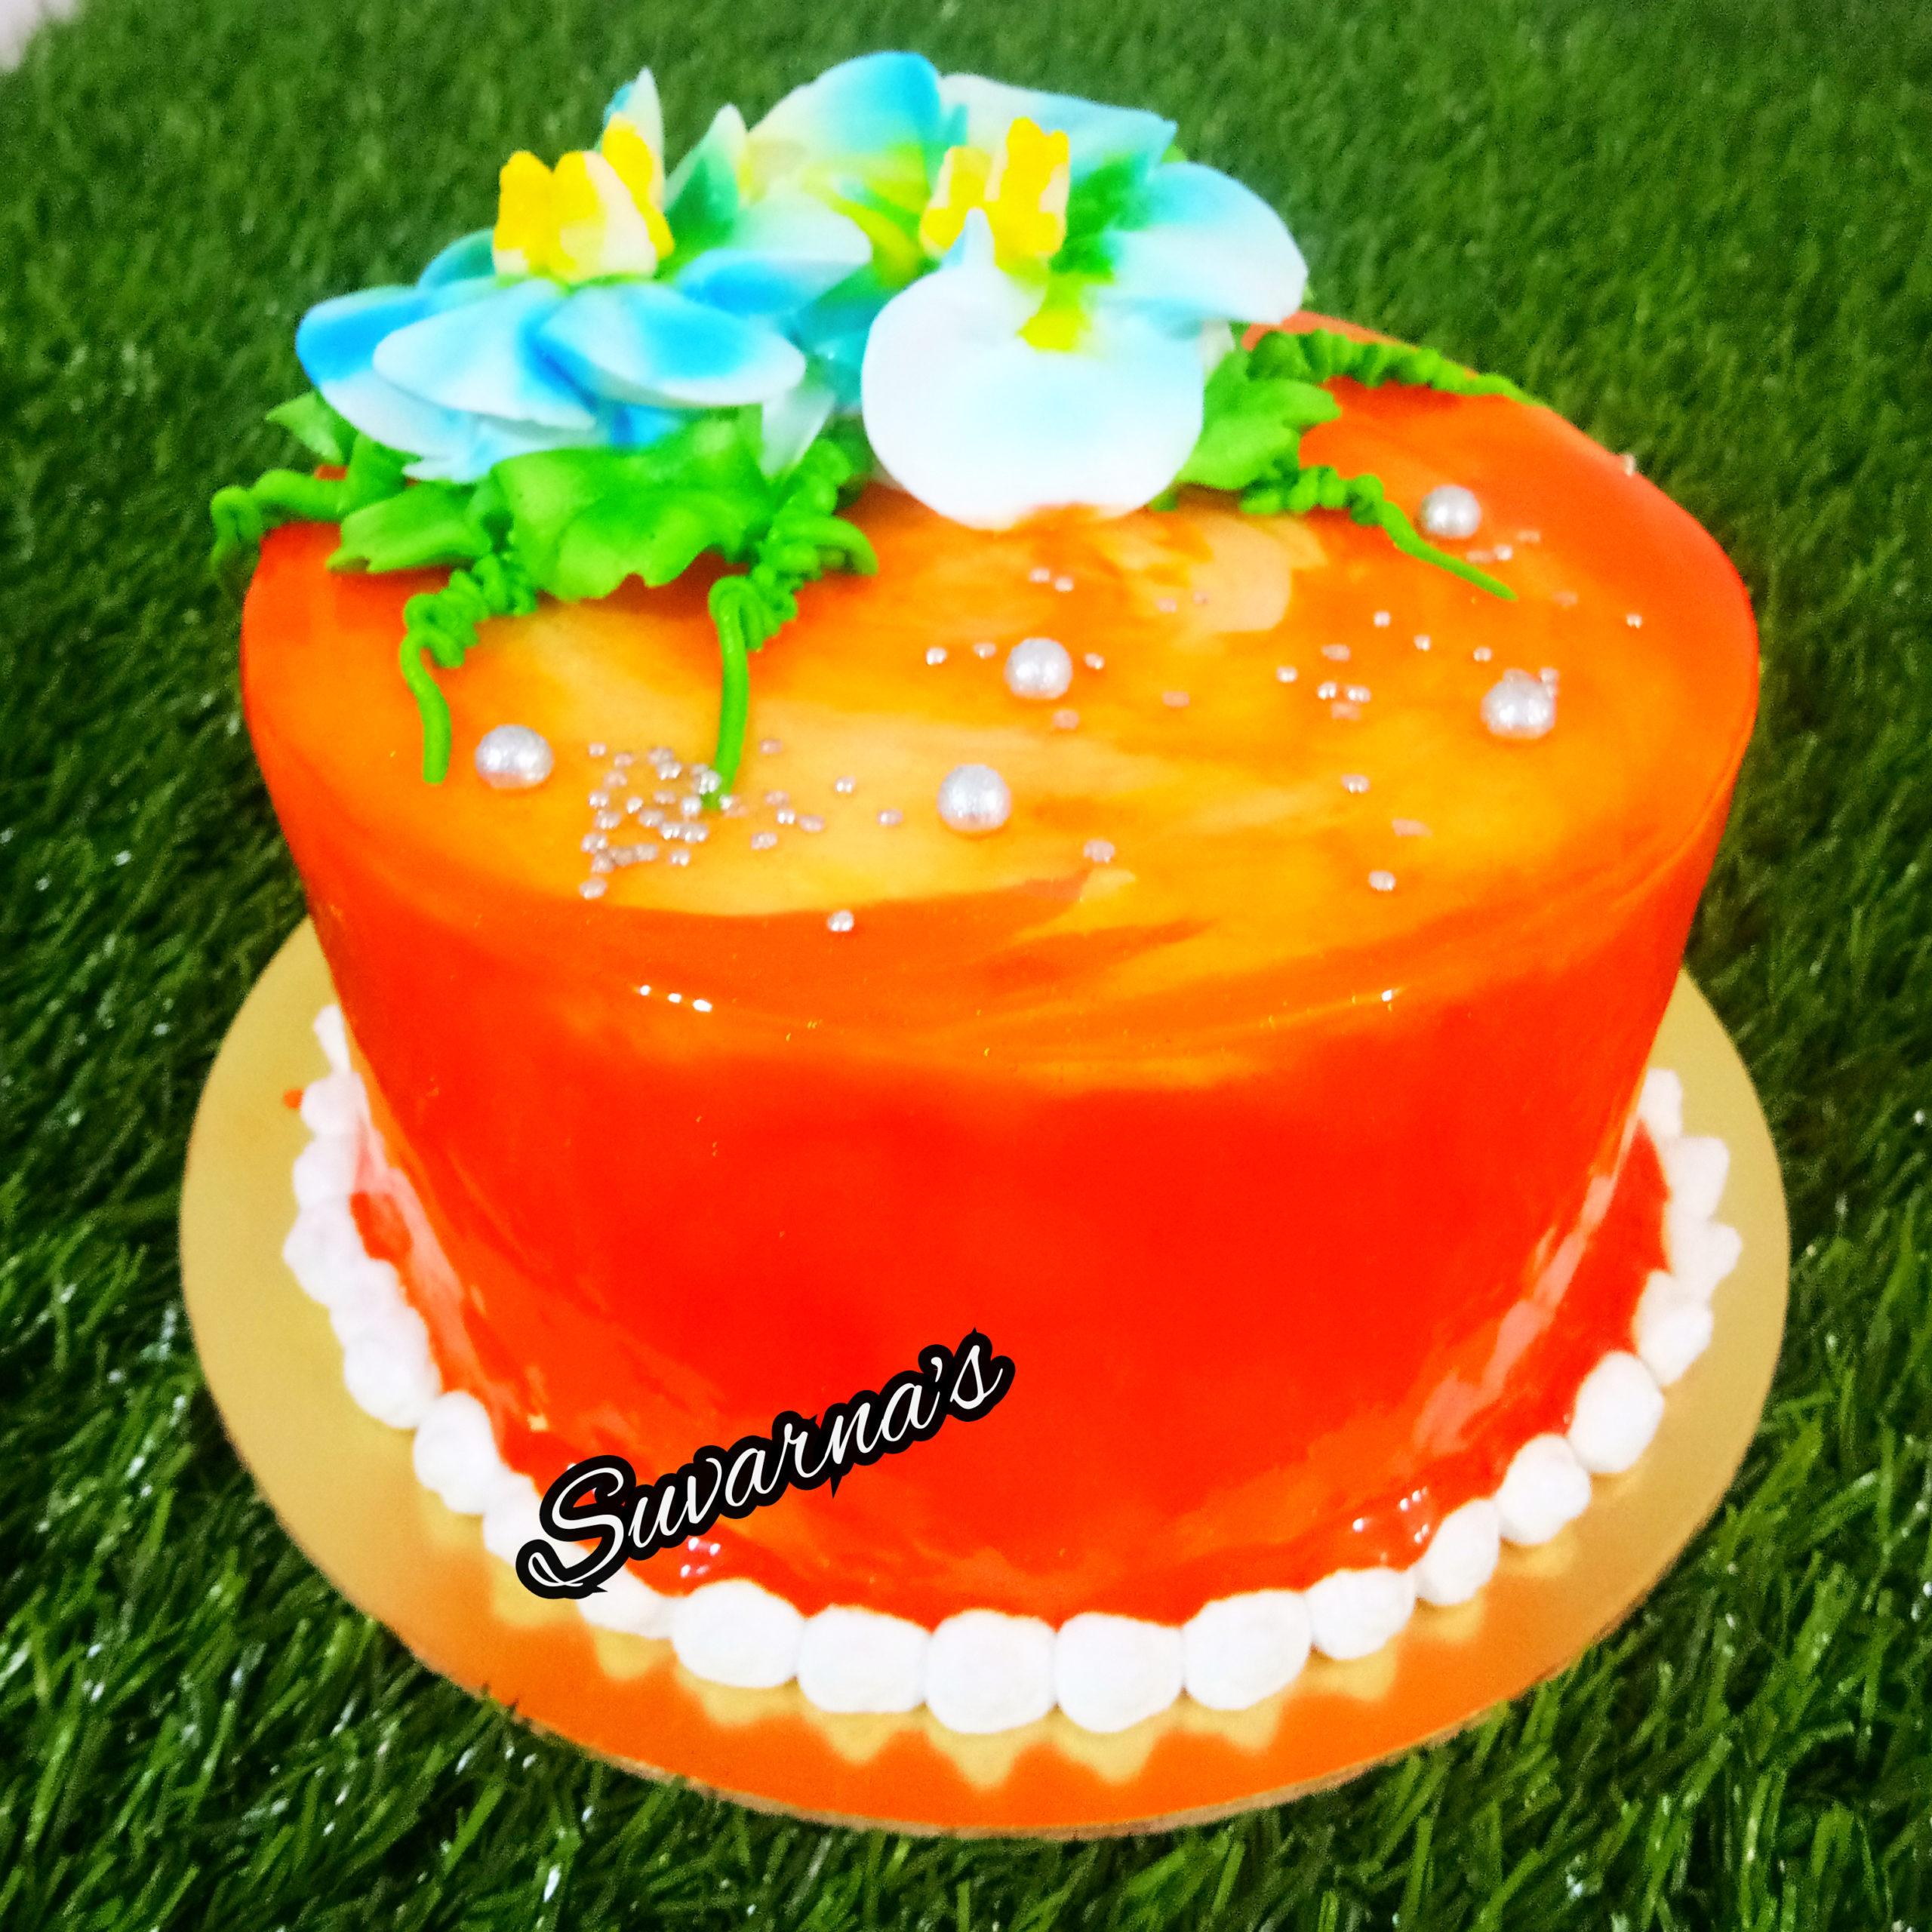 Suvarna's cake